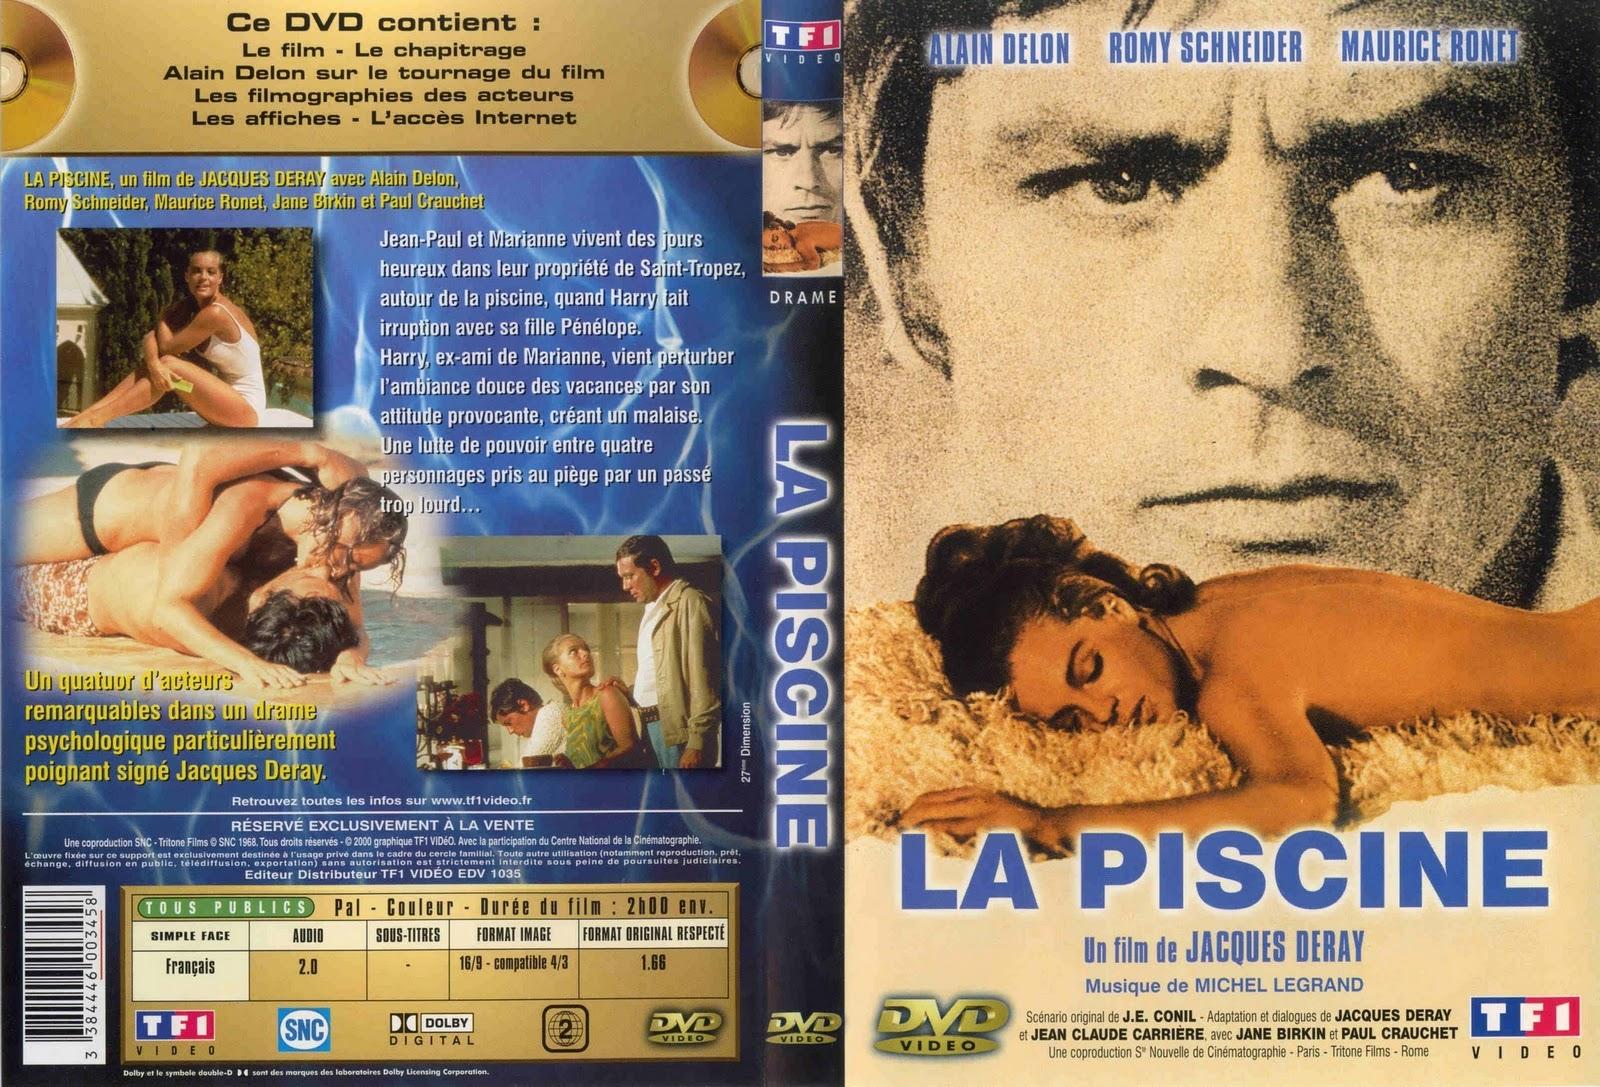 http://4.bp.blogspot.com/_tE7pxorPqL4/TPIjI_xBhaI/AAAAAAAAANk/iM0LcNBEWLs/s1600/La+Piscine+FRONT1.jpg